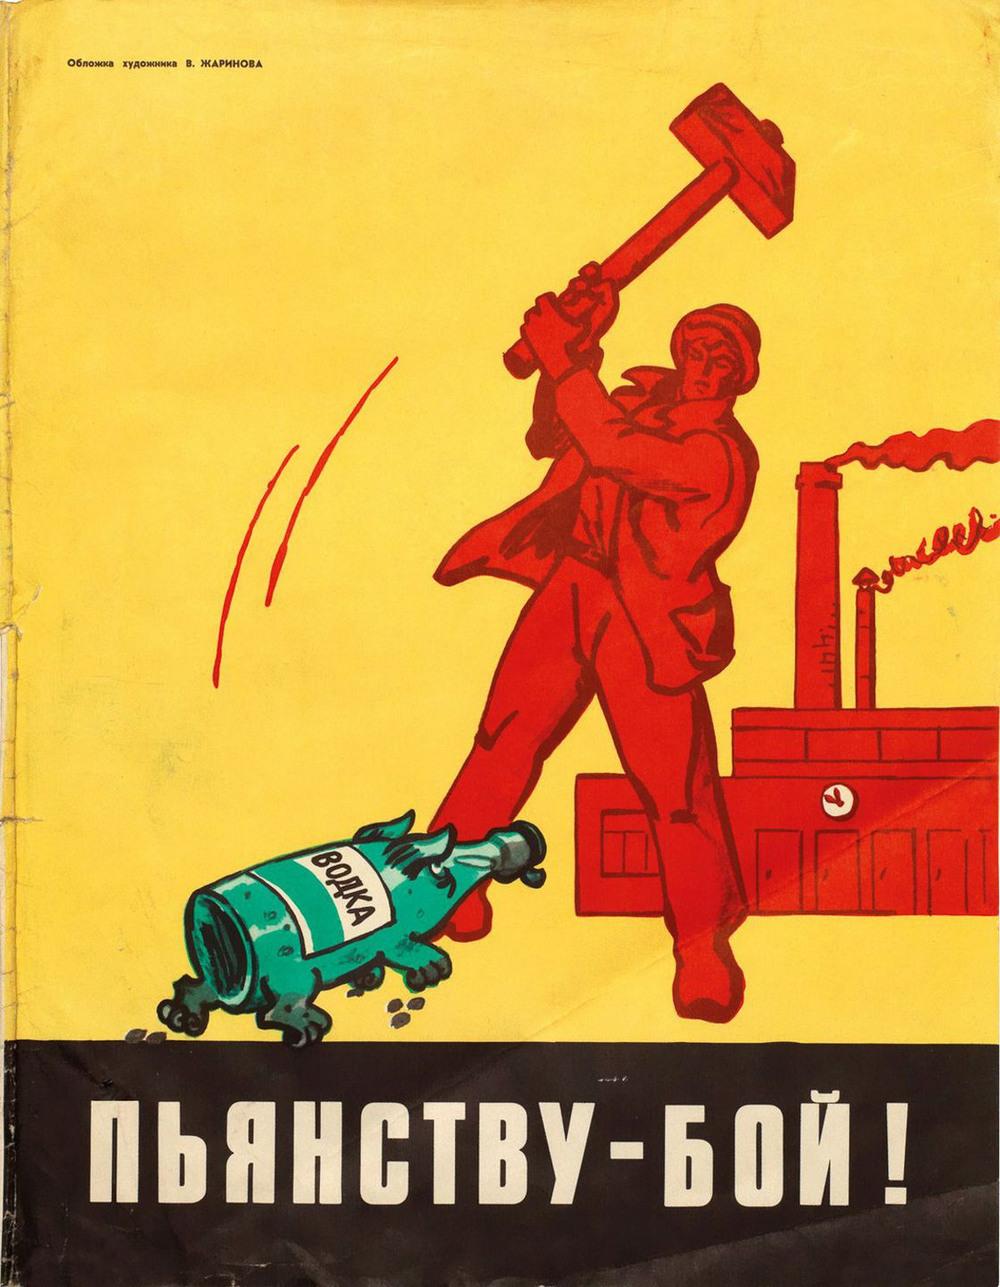 Пьянству бой: антиалкогольные советские плакаты  7